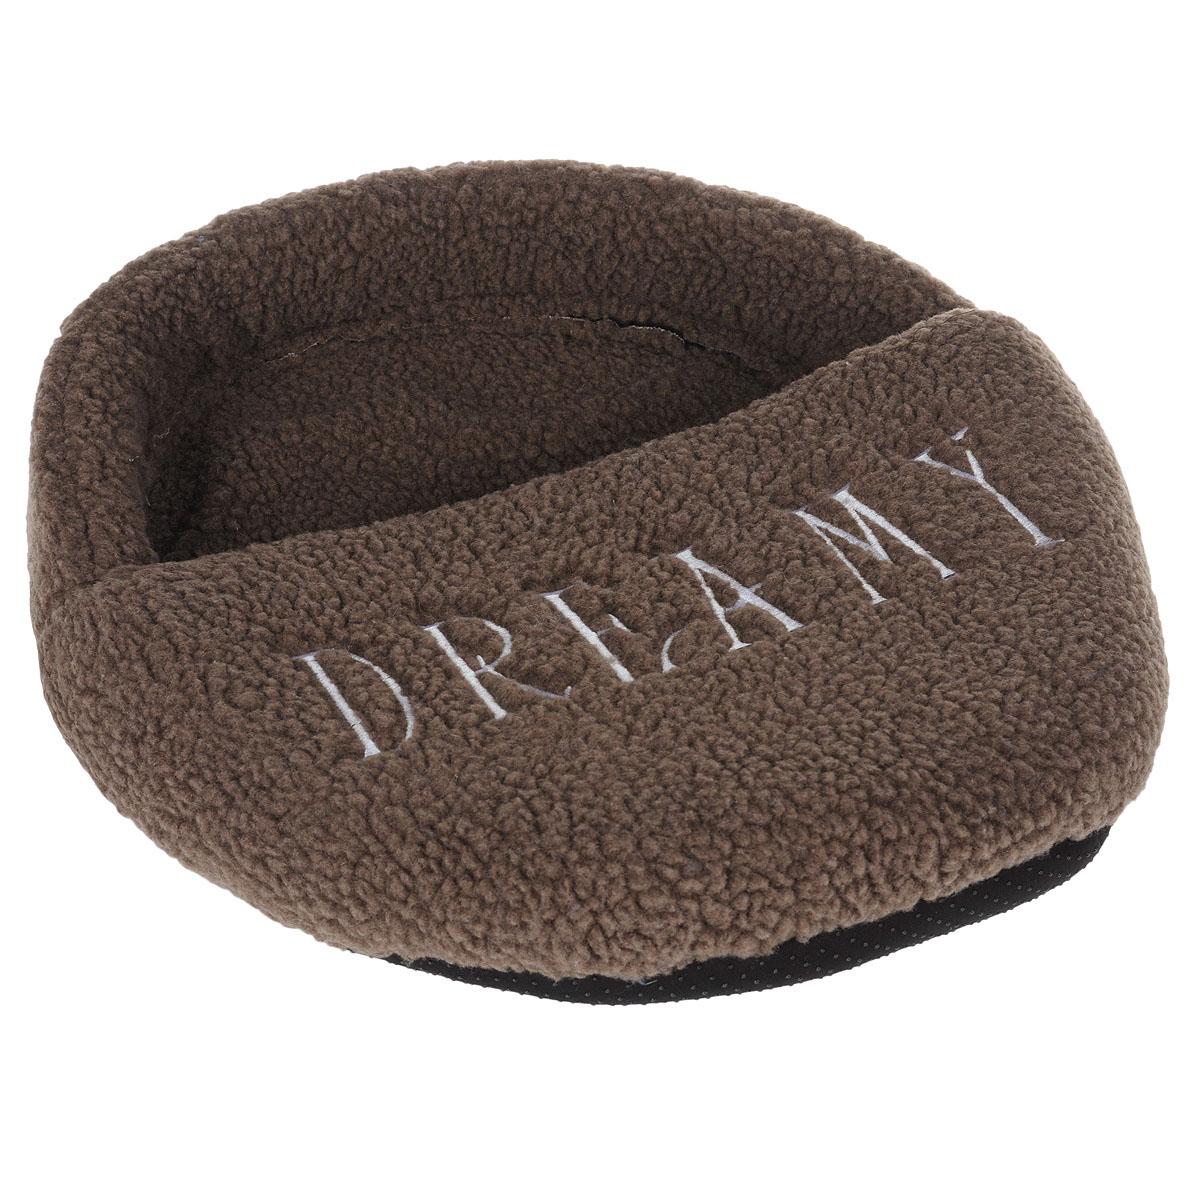 Лежак для кошек I.P.T.S. Dreamy, цвет: коричневый, 50 см х 38 смDM-160347-2Мягкий лежак из овчины I.P.T.S. Dreamy - комфортный уголок для вашего любимого четвероногого друга. Изделие выполнено из овчины приятного цвета и по форме напоминает тапок. Это особенно понравится озорному котёнку, ведь в тапочке можно спрятаться. На внешней стороне изделия в качестве украшения есть вышивка в виде надписи Dreamy.Размер лежанки: 50 см x 38 см. Товар сертифицирован.